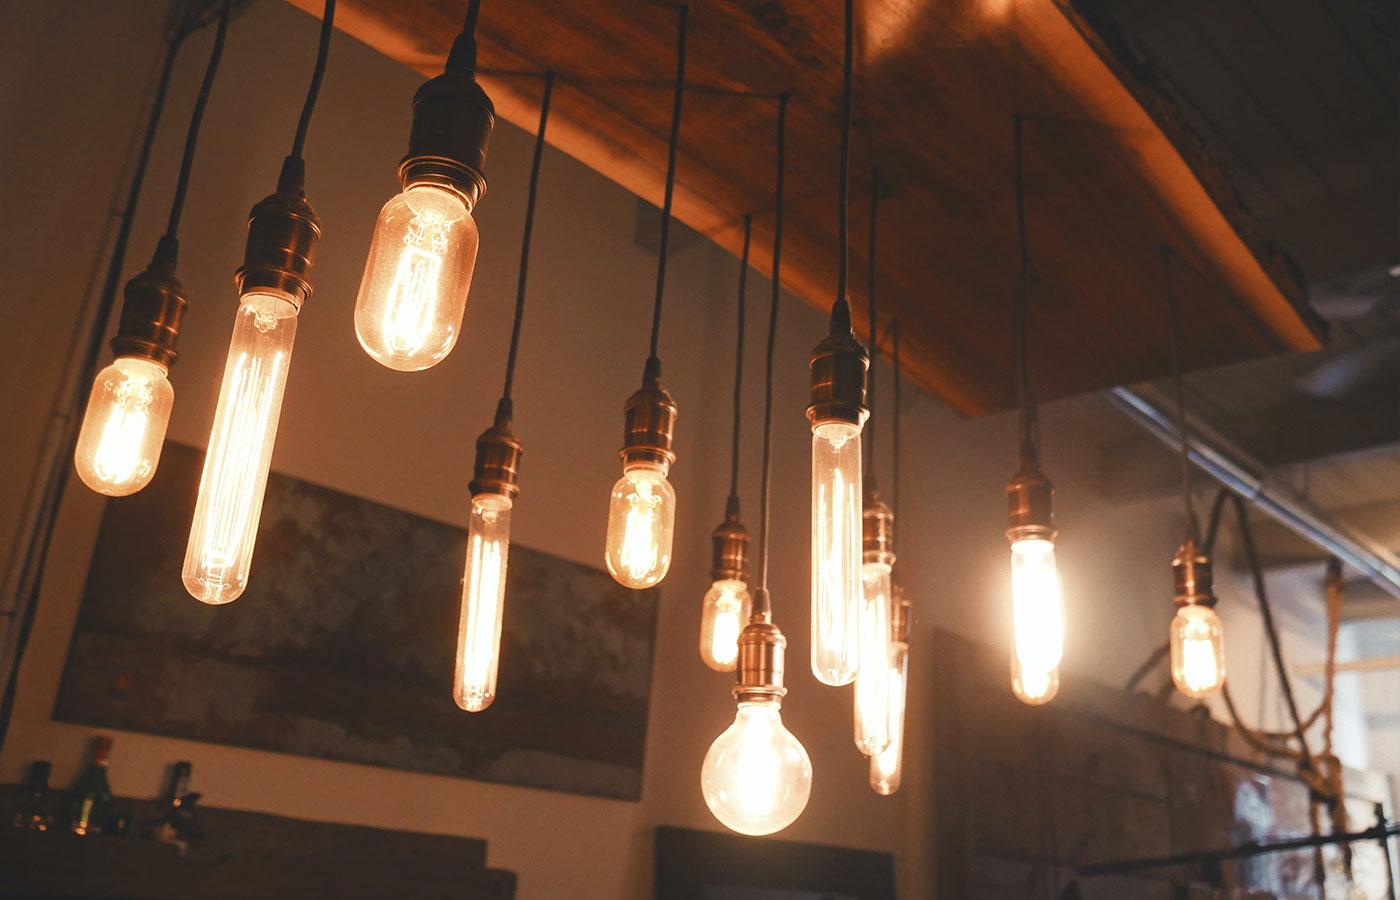 led-light-upgrades-melbourne